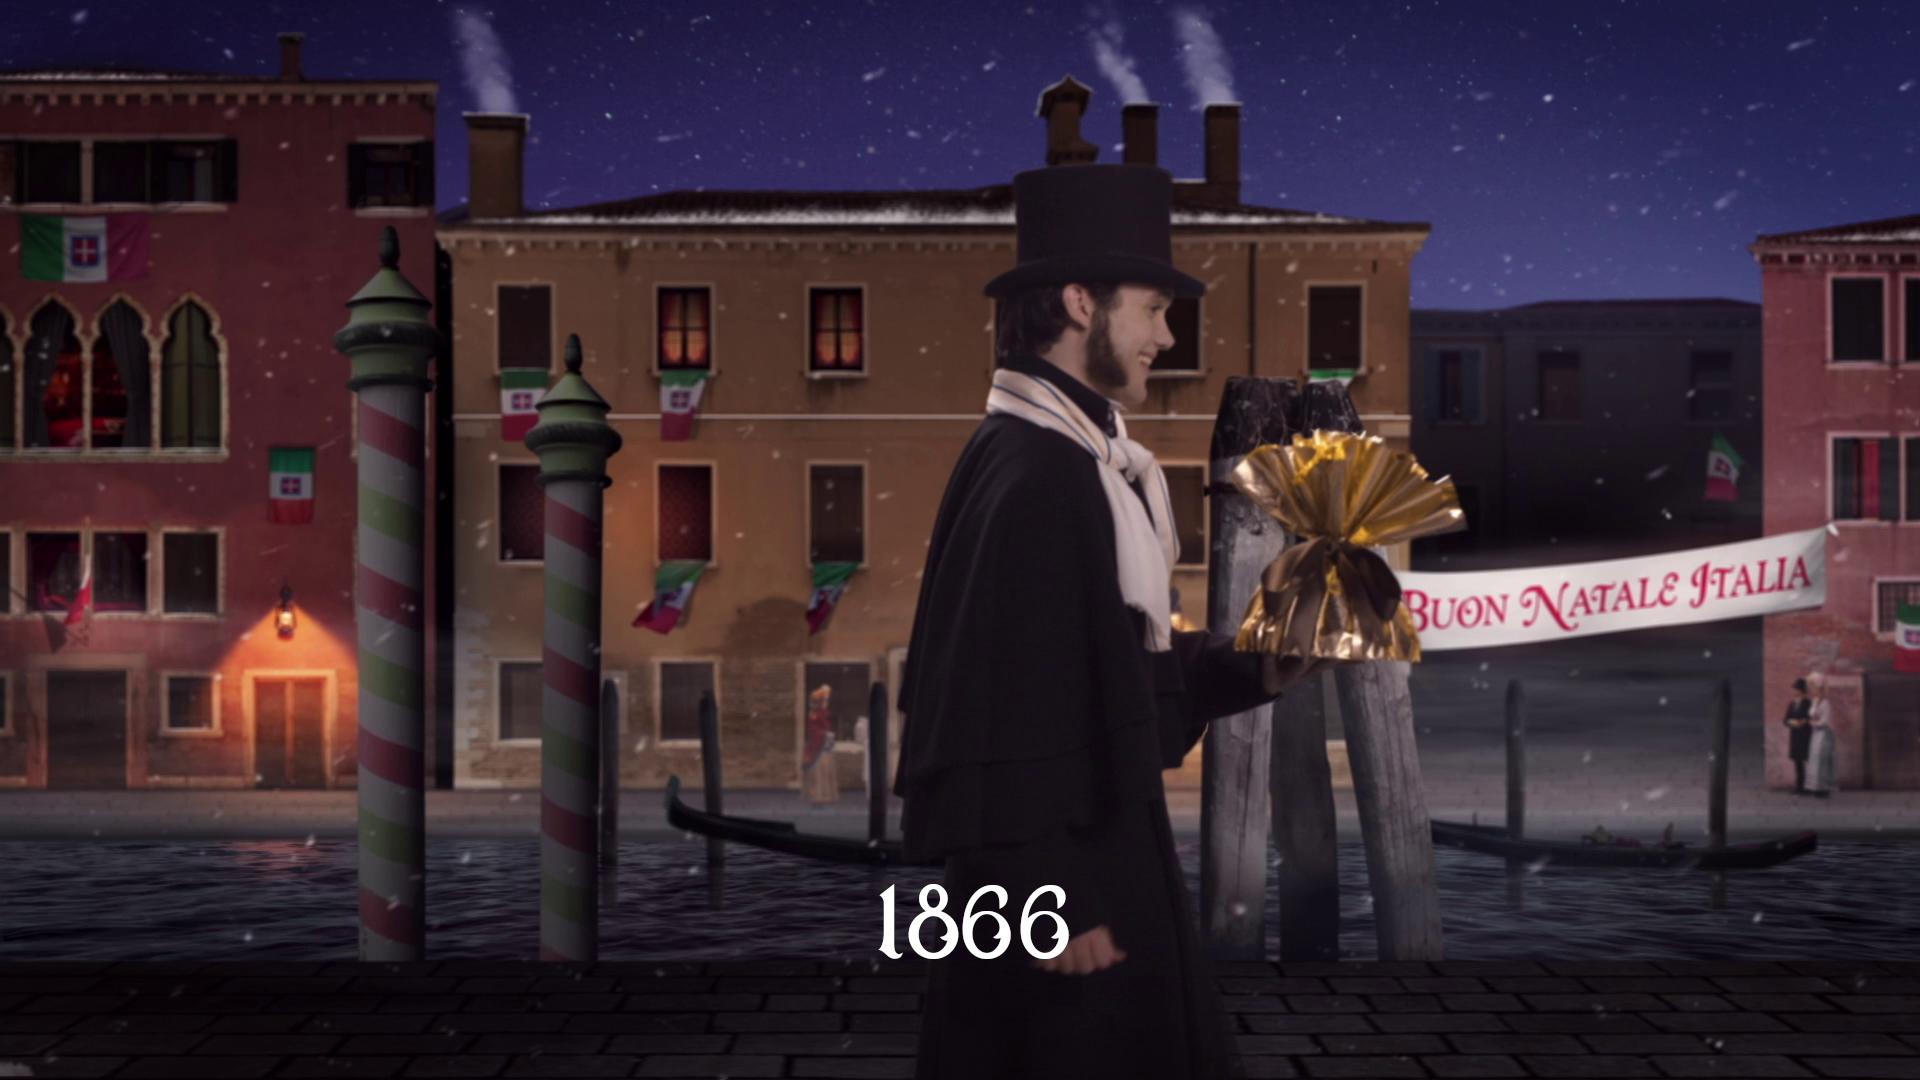 Pan De Oro Bauli.Una Storia Che Arriva Dal Rinascimento Per Grandolce Pan De